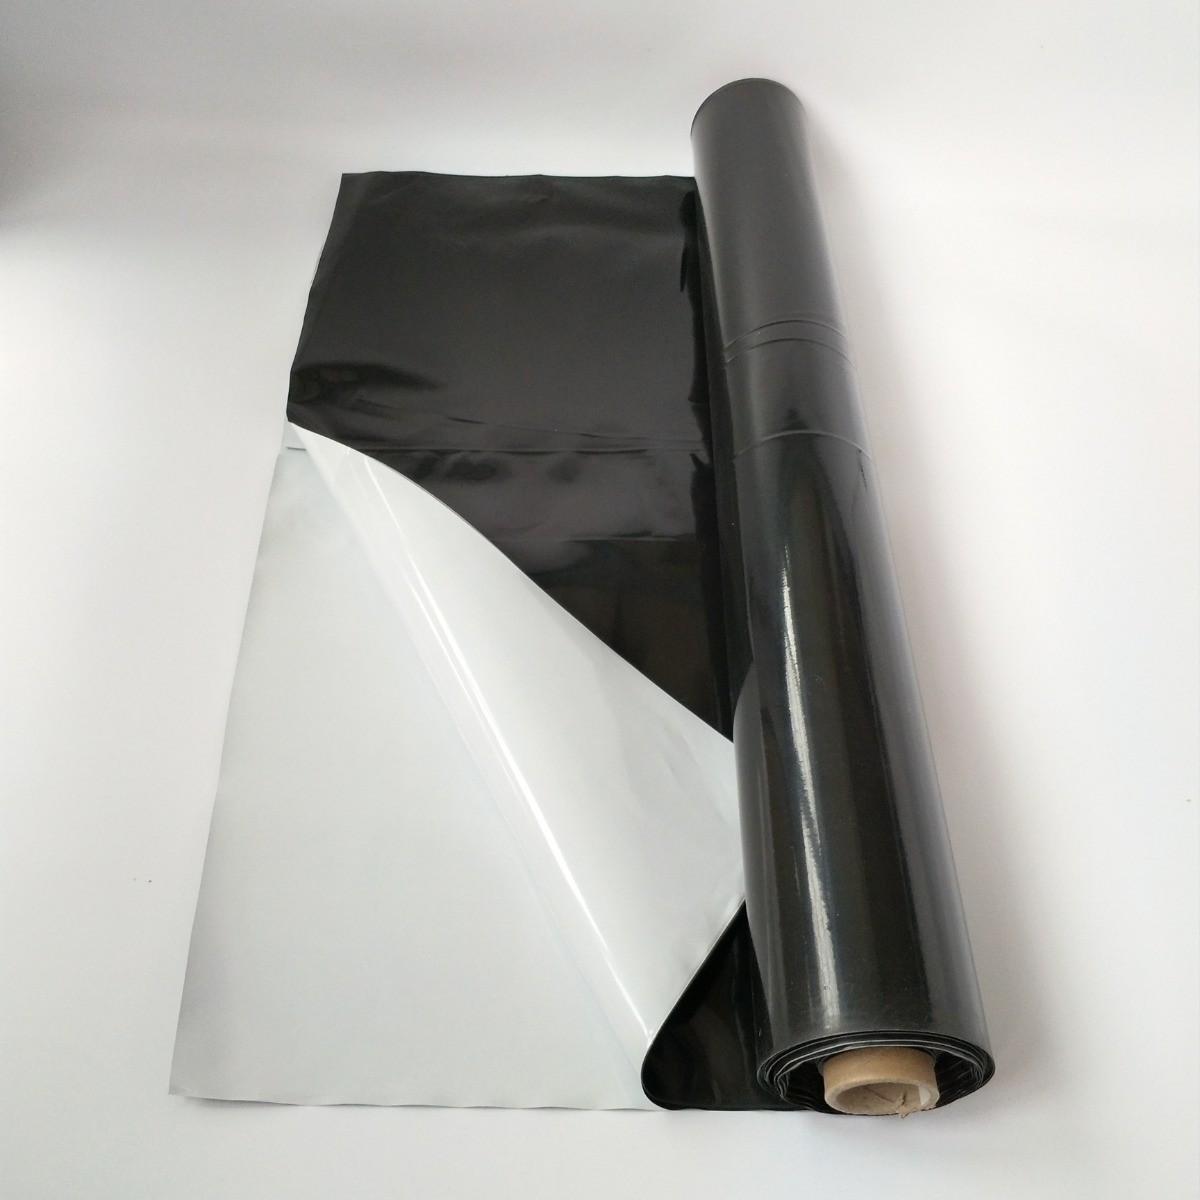 Lona Silagem Nortene Branca/Preta 72kg - 6x55m